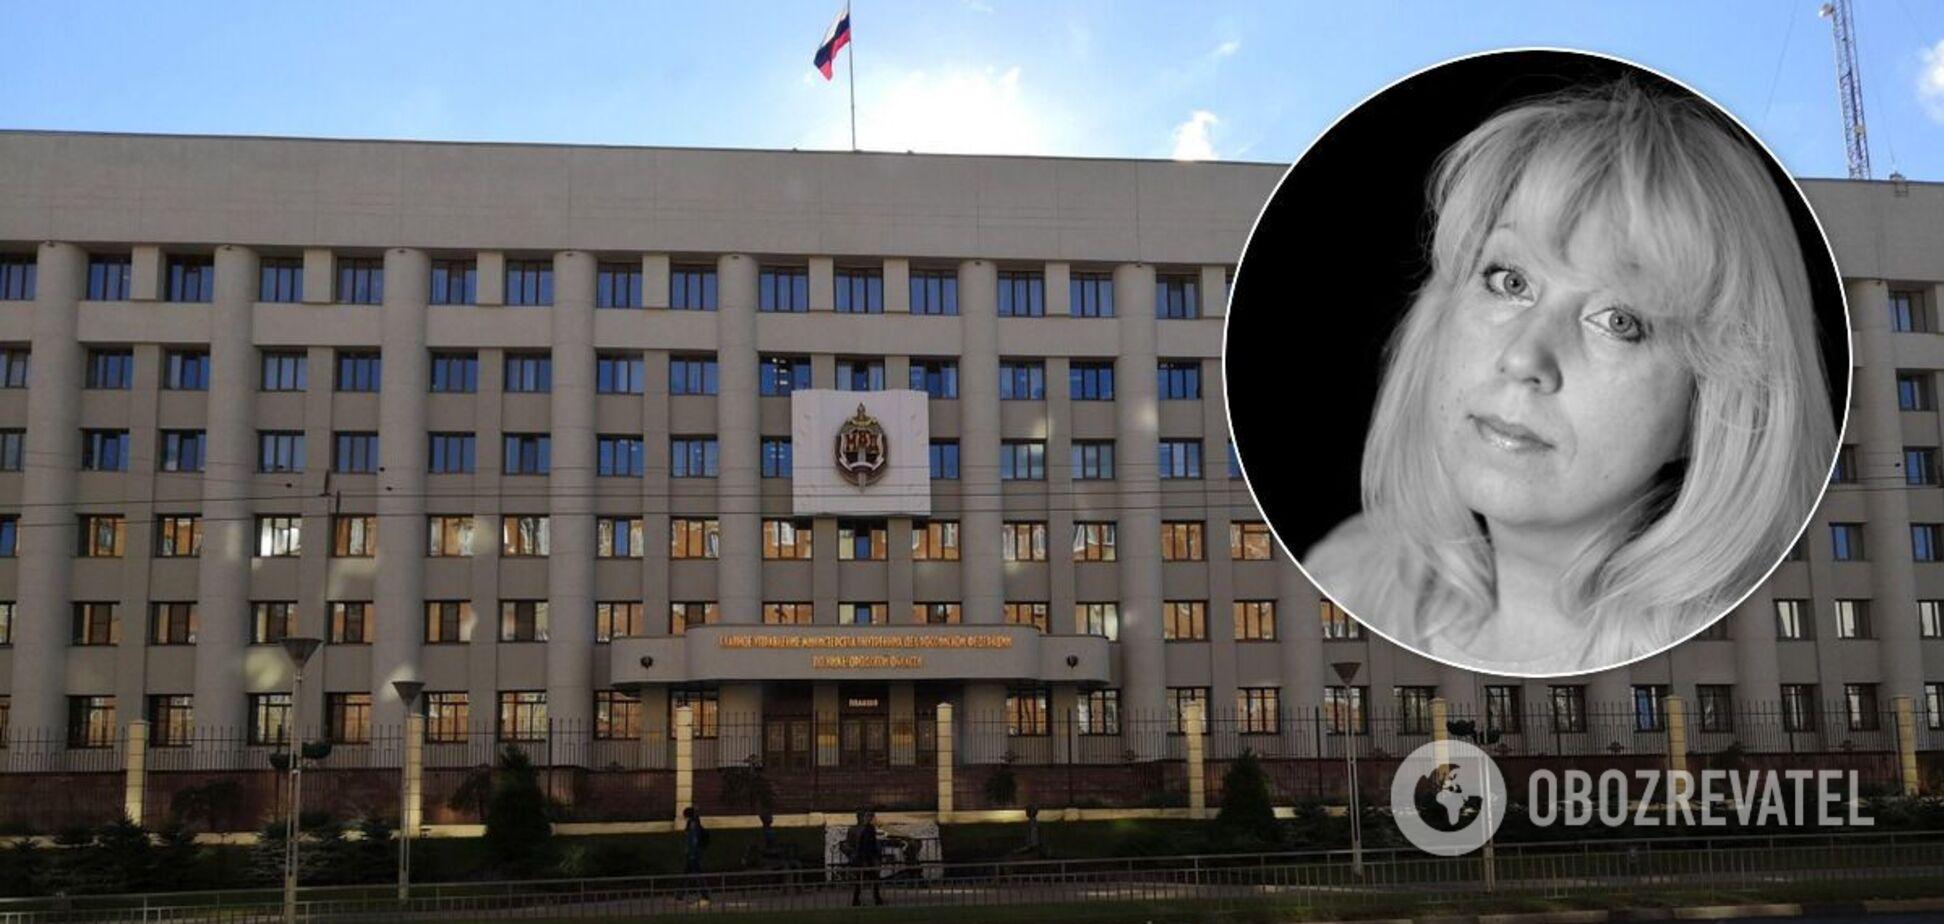 Ірина Славіна підпалила себе біля будівлі МВС в Нижньому Новгороді